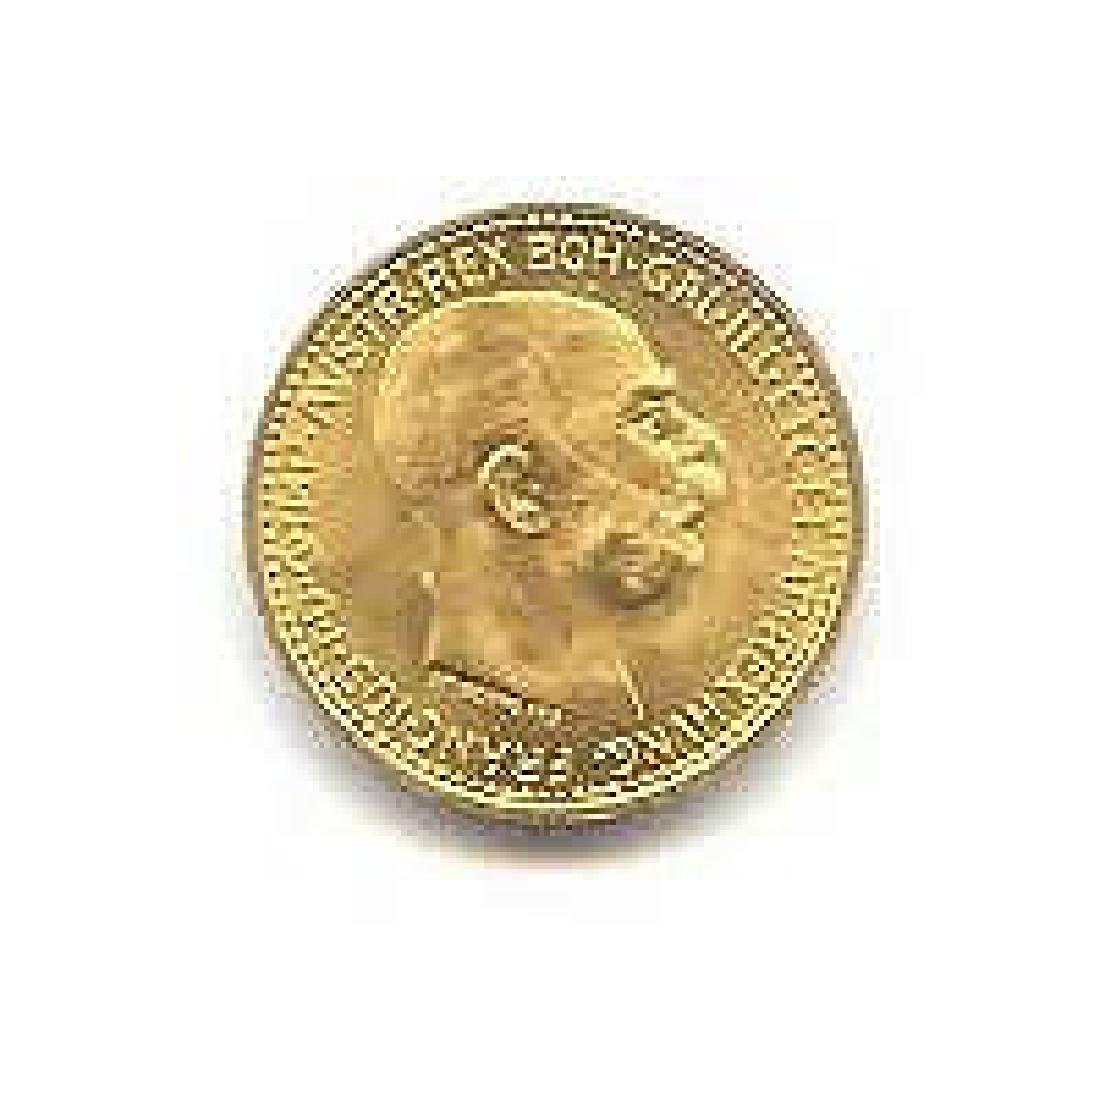 Austria 10 Corona Gold Coin